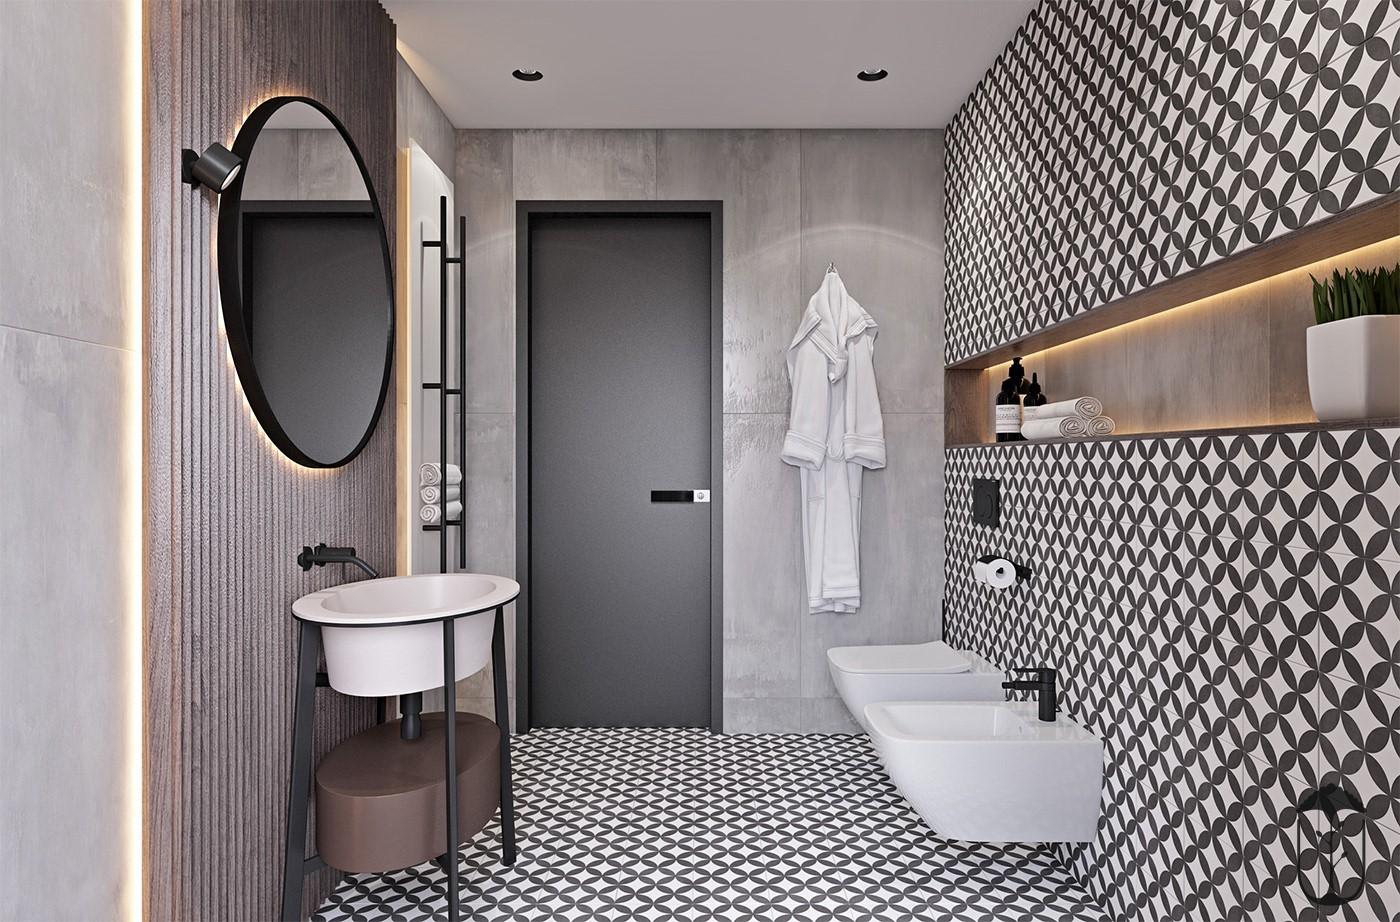 2020工業衛生間裝修圖片 2020工業浴室柜裝修圖片